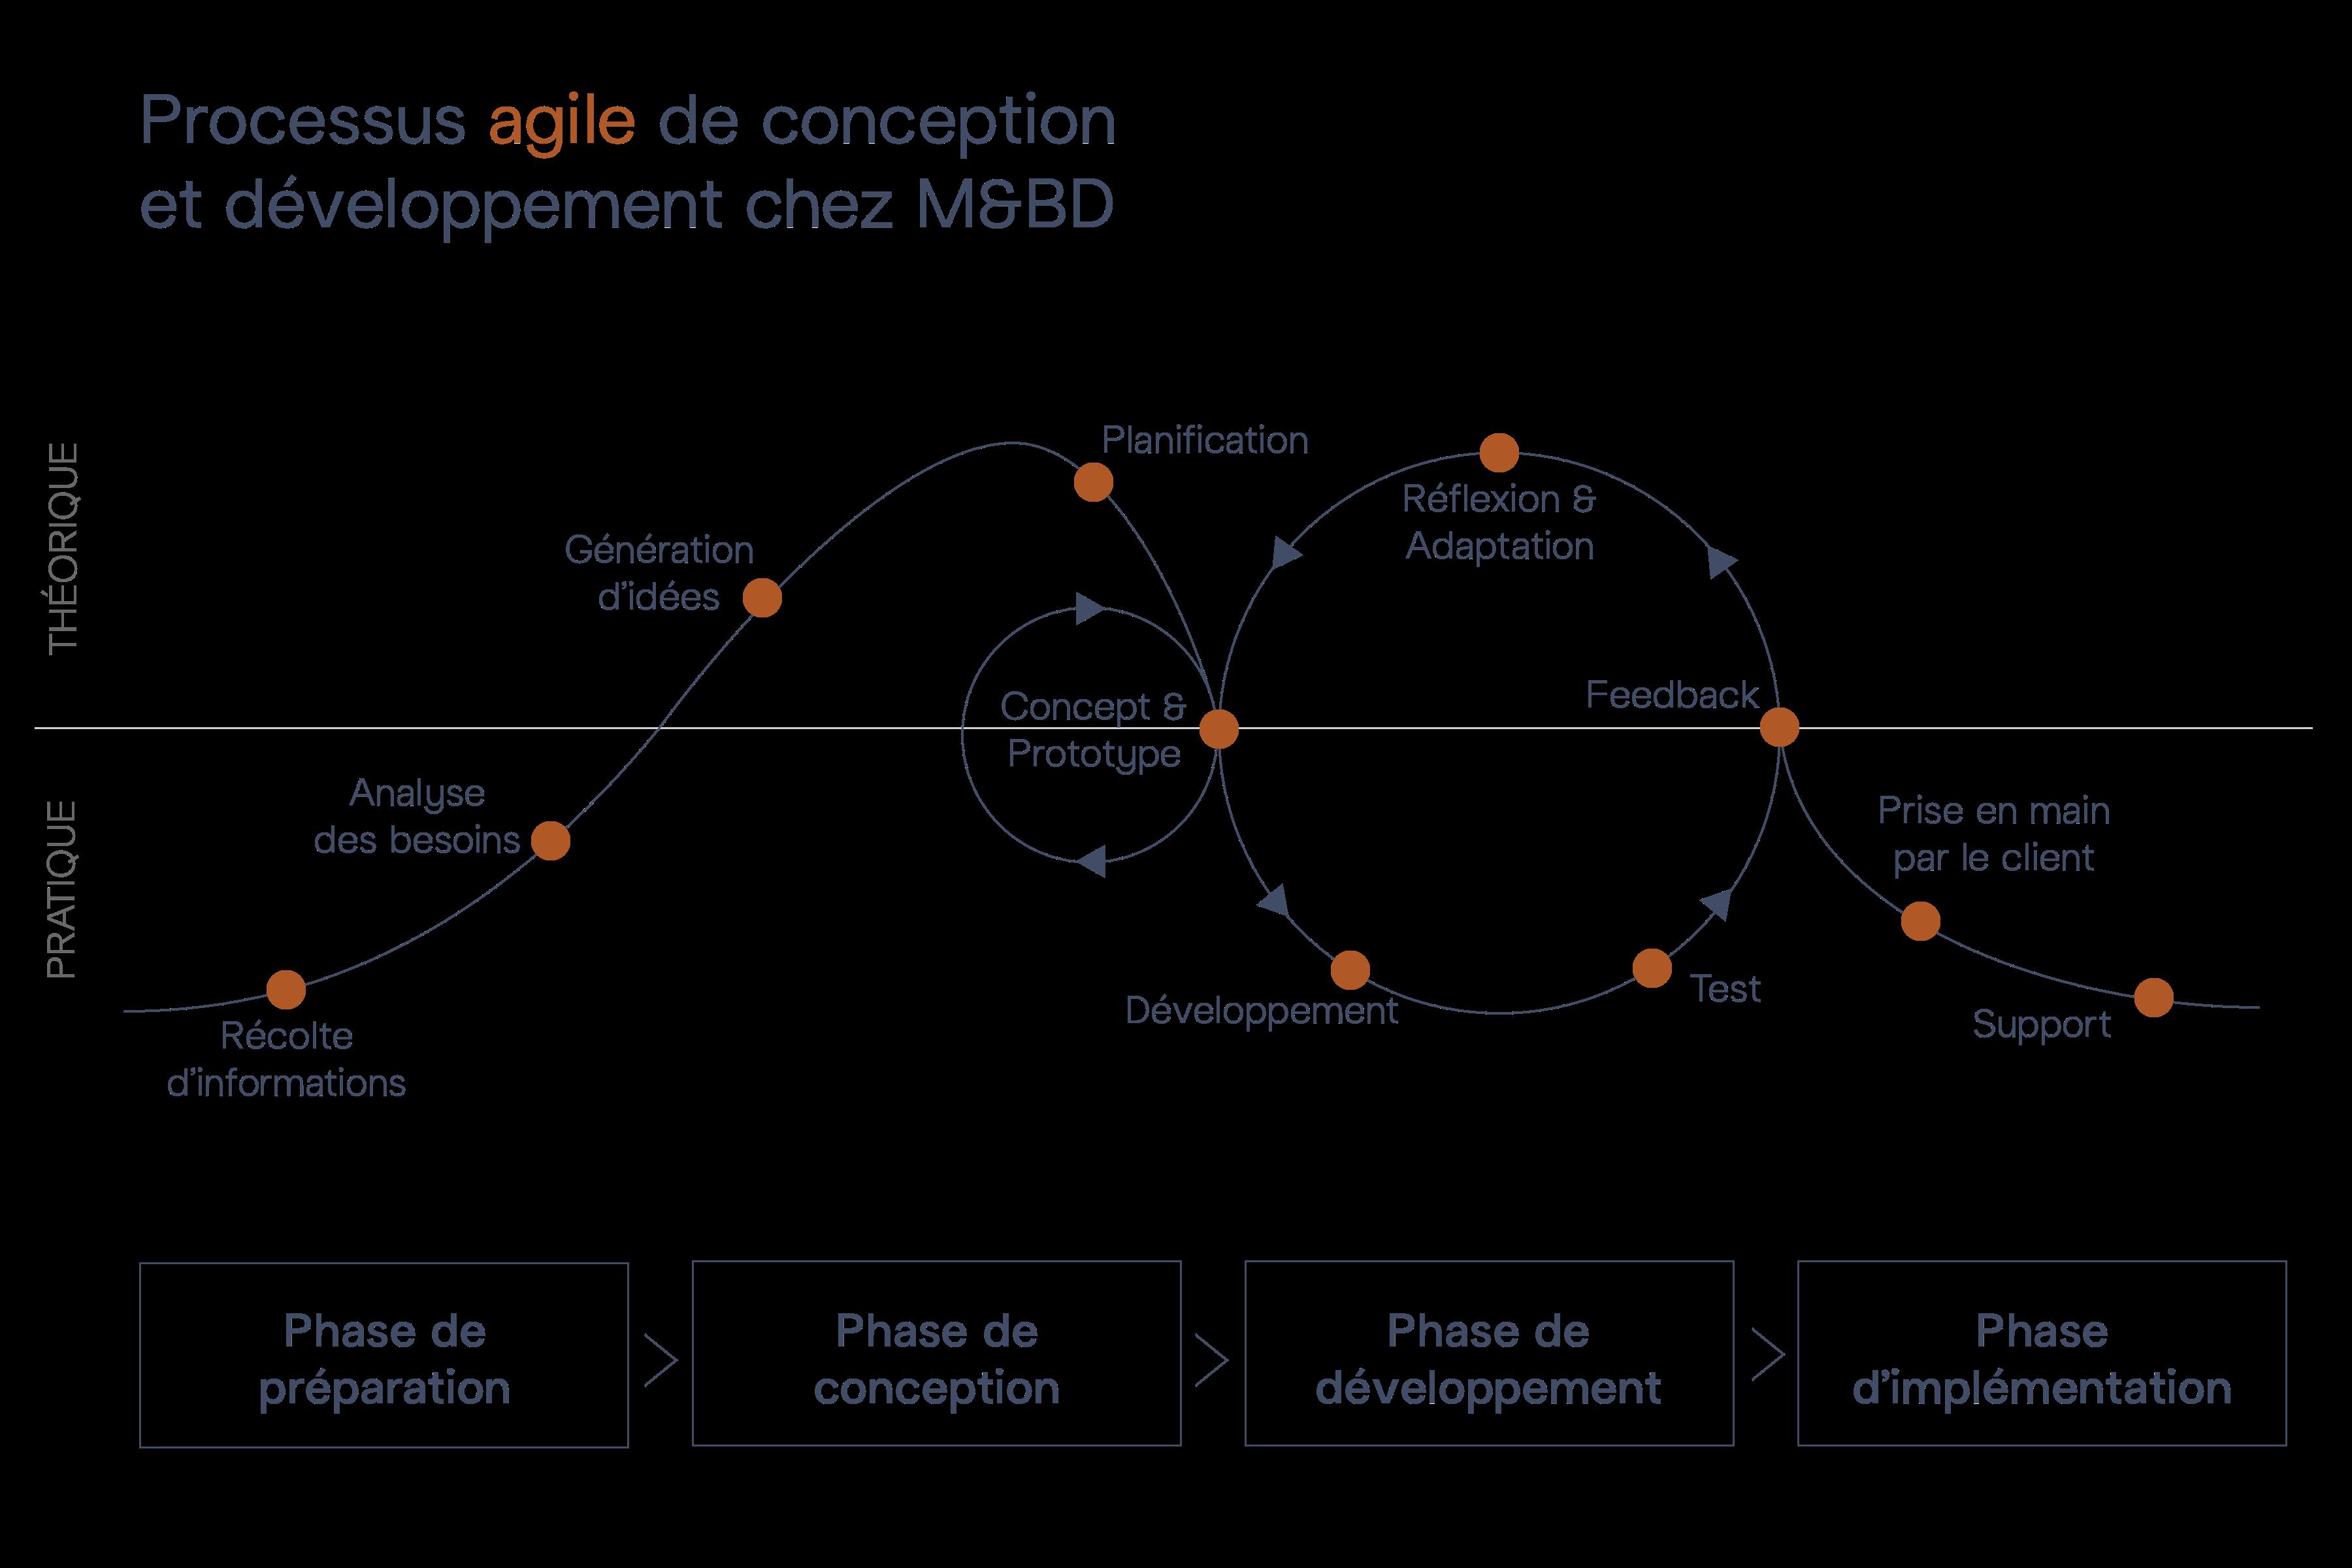 Processus agile de conception et développement chez M&BD